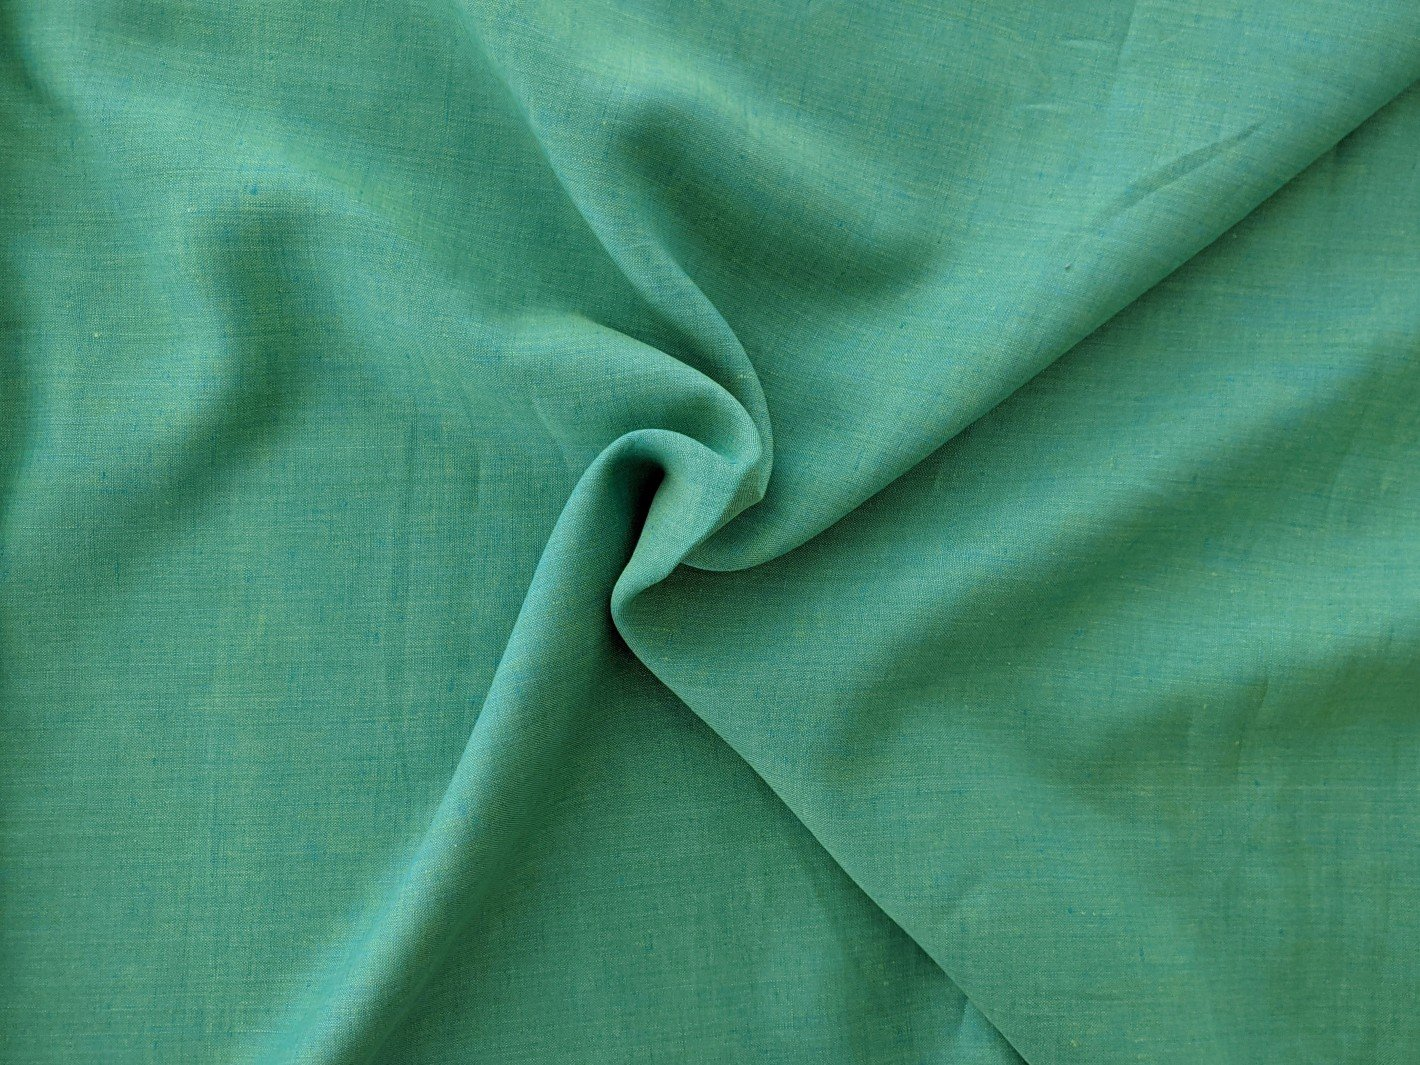 Linen - Iridescent